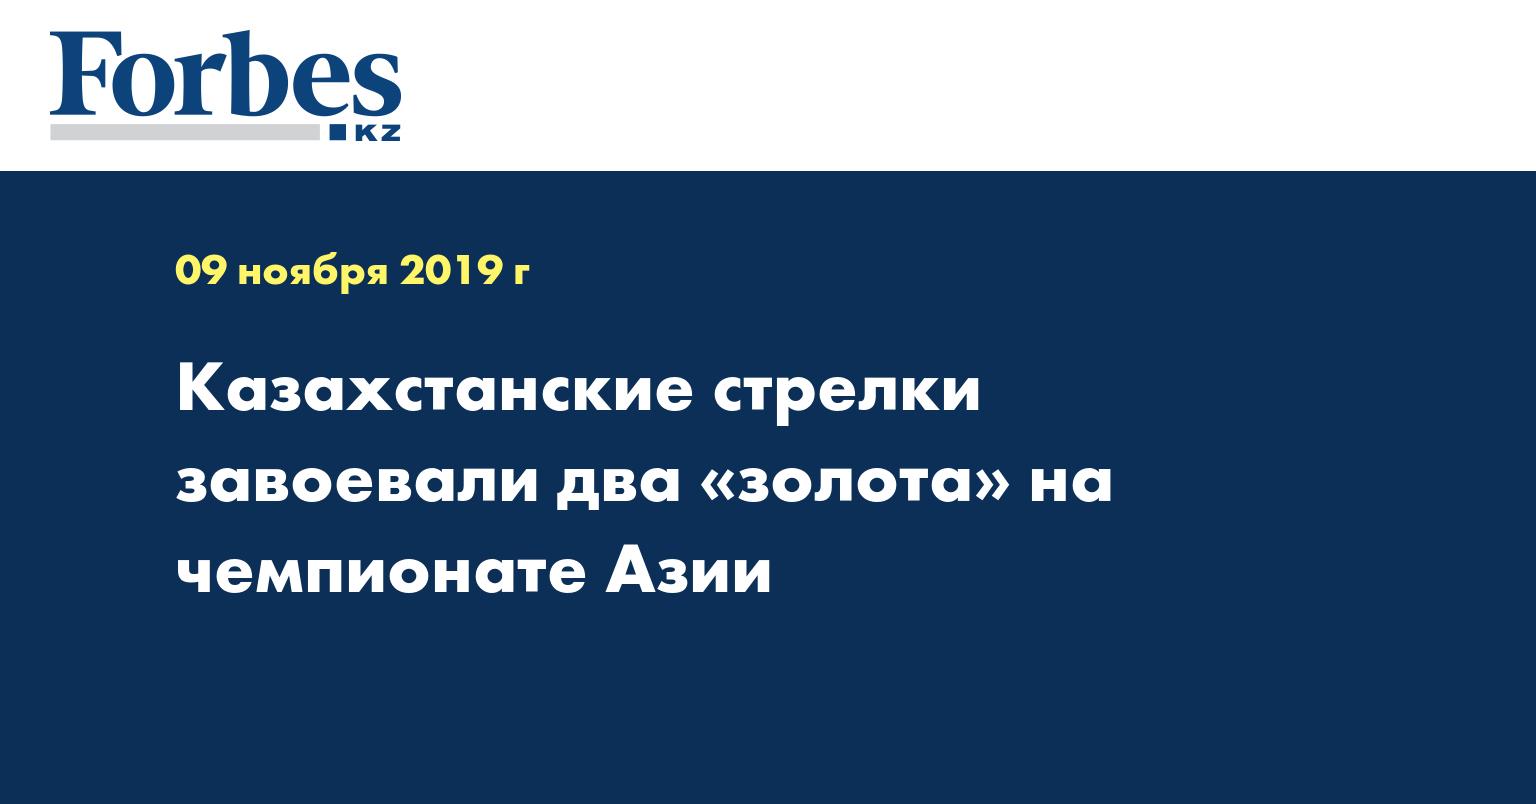 Казахстанские стрелки завоевали два «золота» на чемпионате Азии